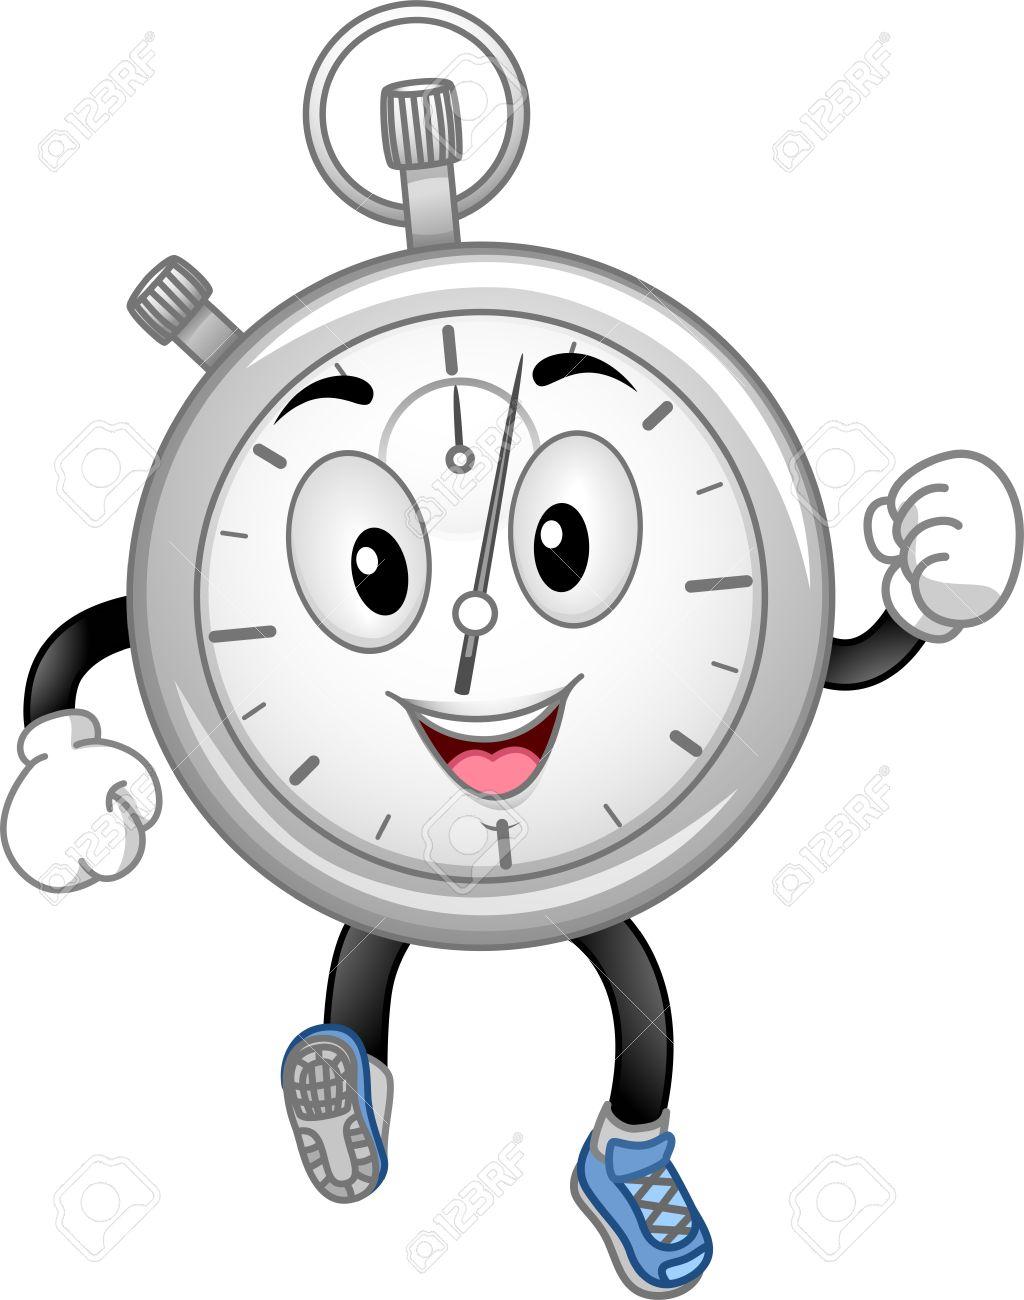 Résultats de recherche d'images pour «dessin chronometre»